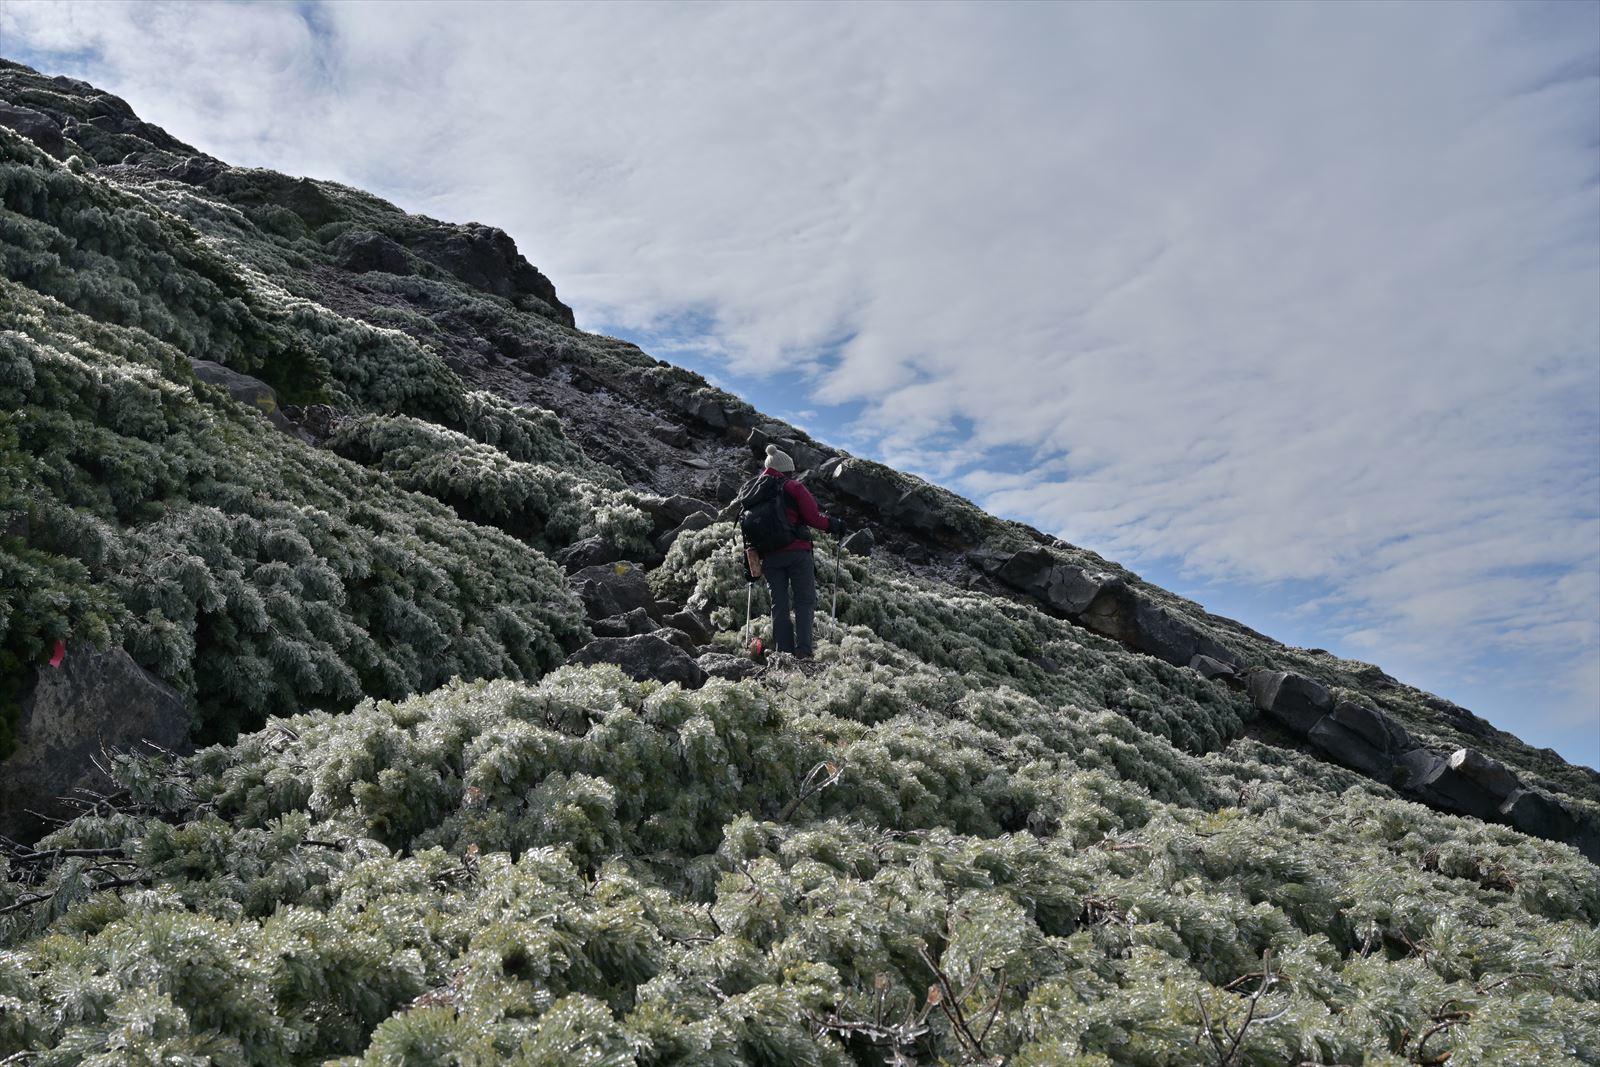 久しぶりに雌阿寒岳の山頂へ!_b0281366_19544242.jpg